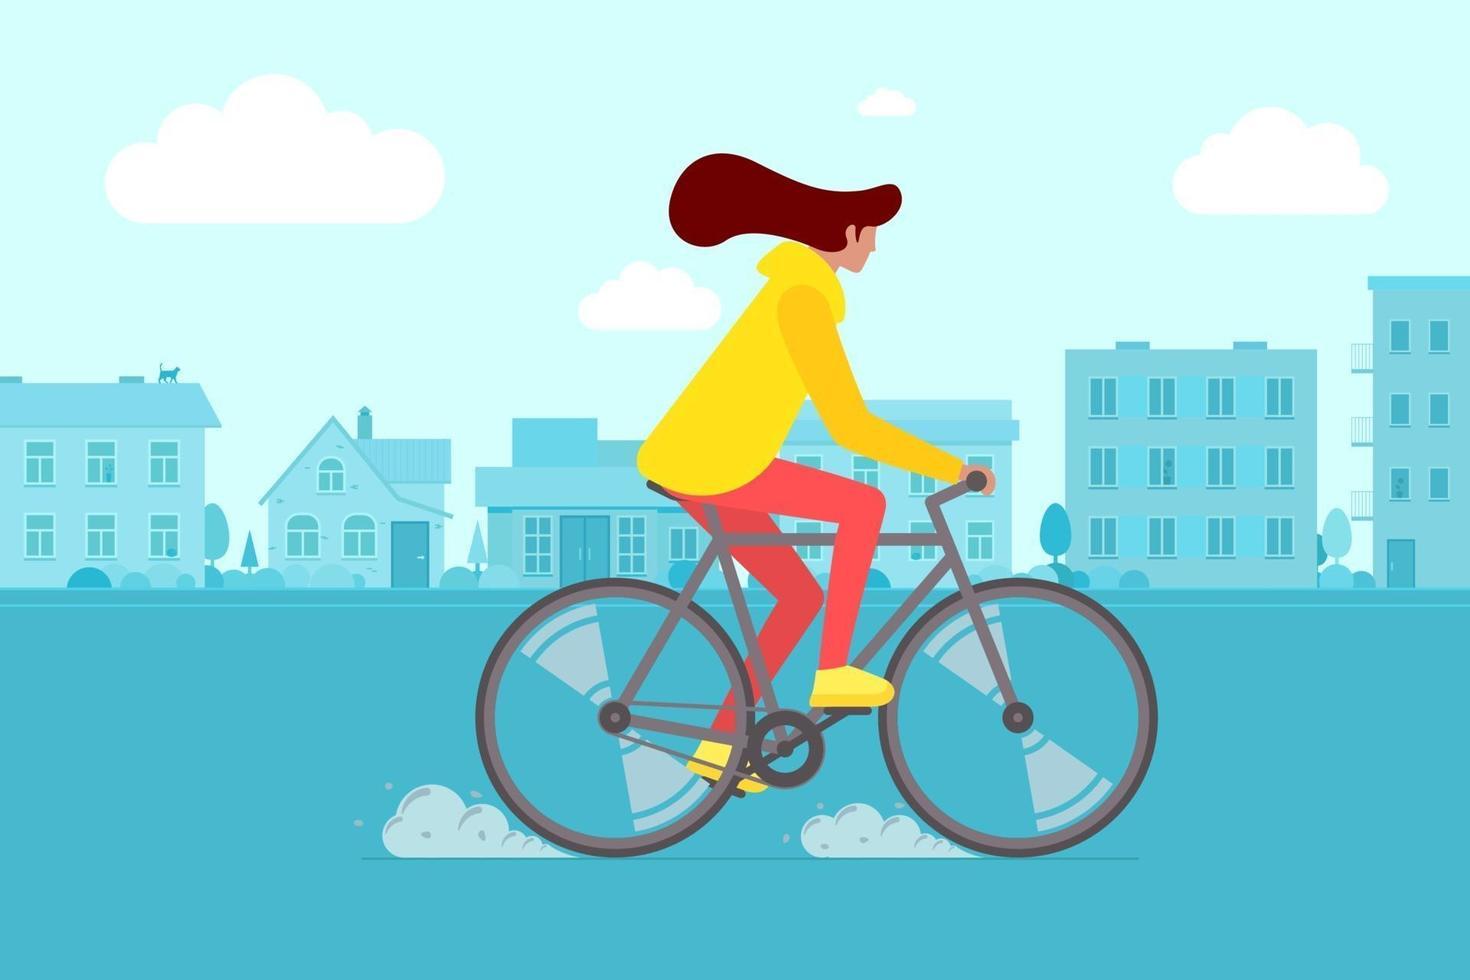 hipster feminina equitação bicicleta na rua da cidade. atividade de lazer do ciclista jovem na estrada da cidade. menina elegante na bicicleta ilustração plana vetor eps